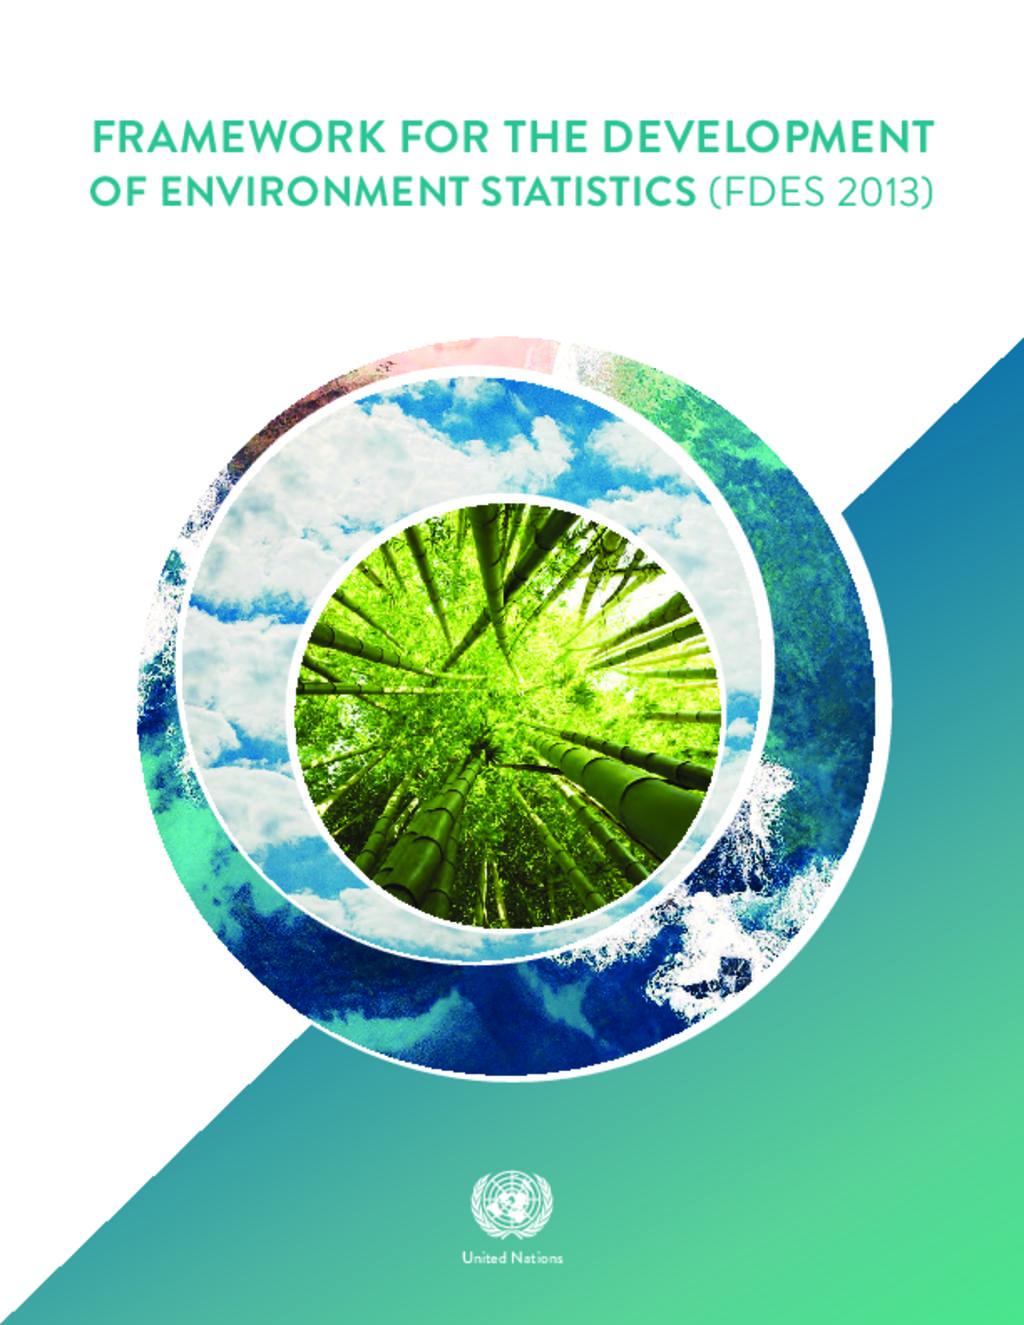 Framework for Development of Environment statistics1